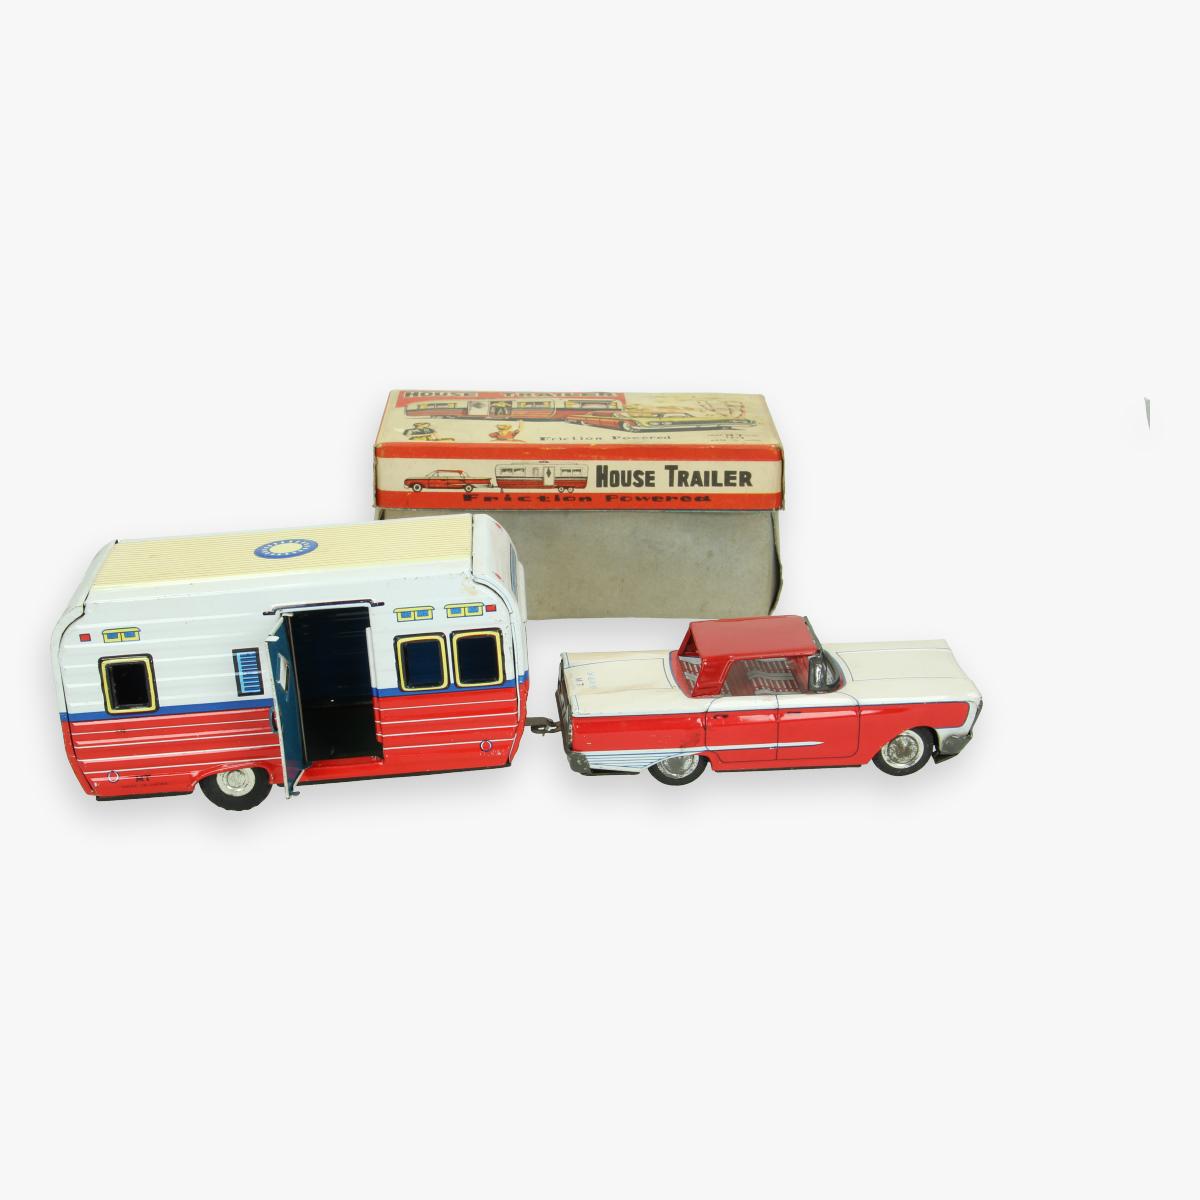 Afbeeldingen van tin toy friction powered . jaren 50 ''housetrailer'' made in japan masudaya zeer zeldzaam